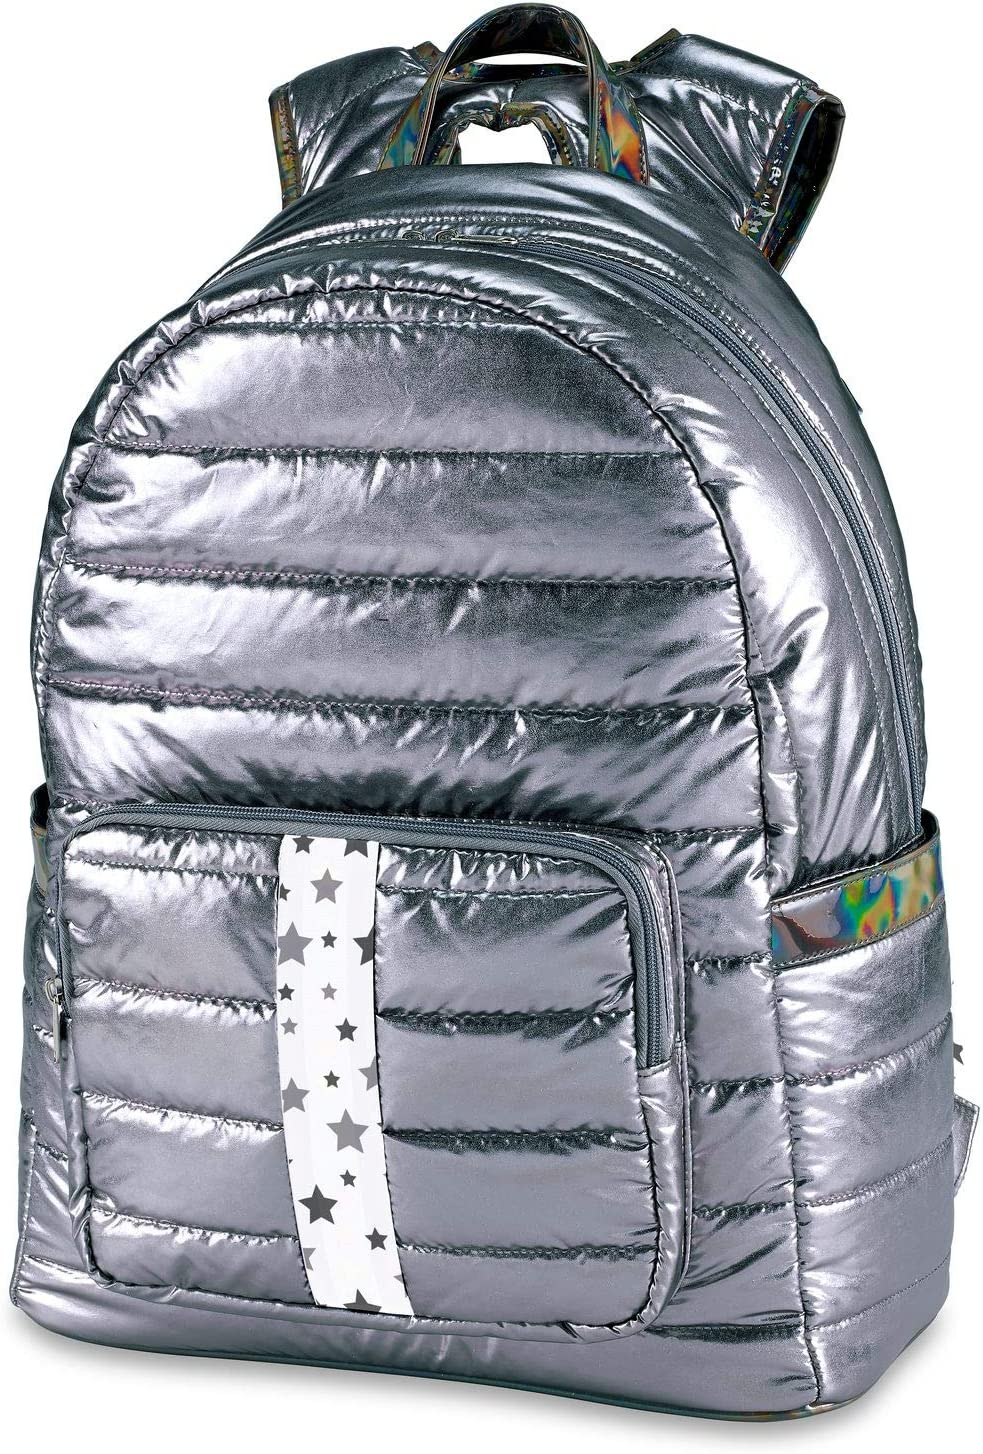 List price Top Trenz School or Camp Backpack Puffer Daypack Gun Luxury W Metal